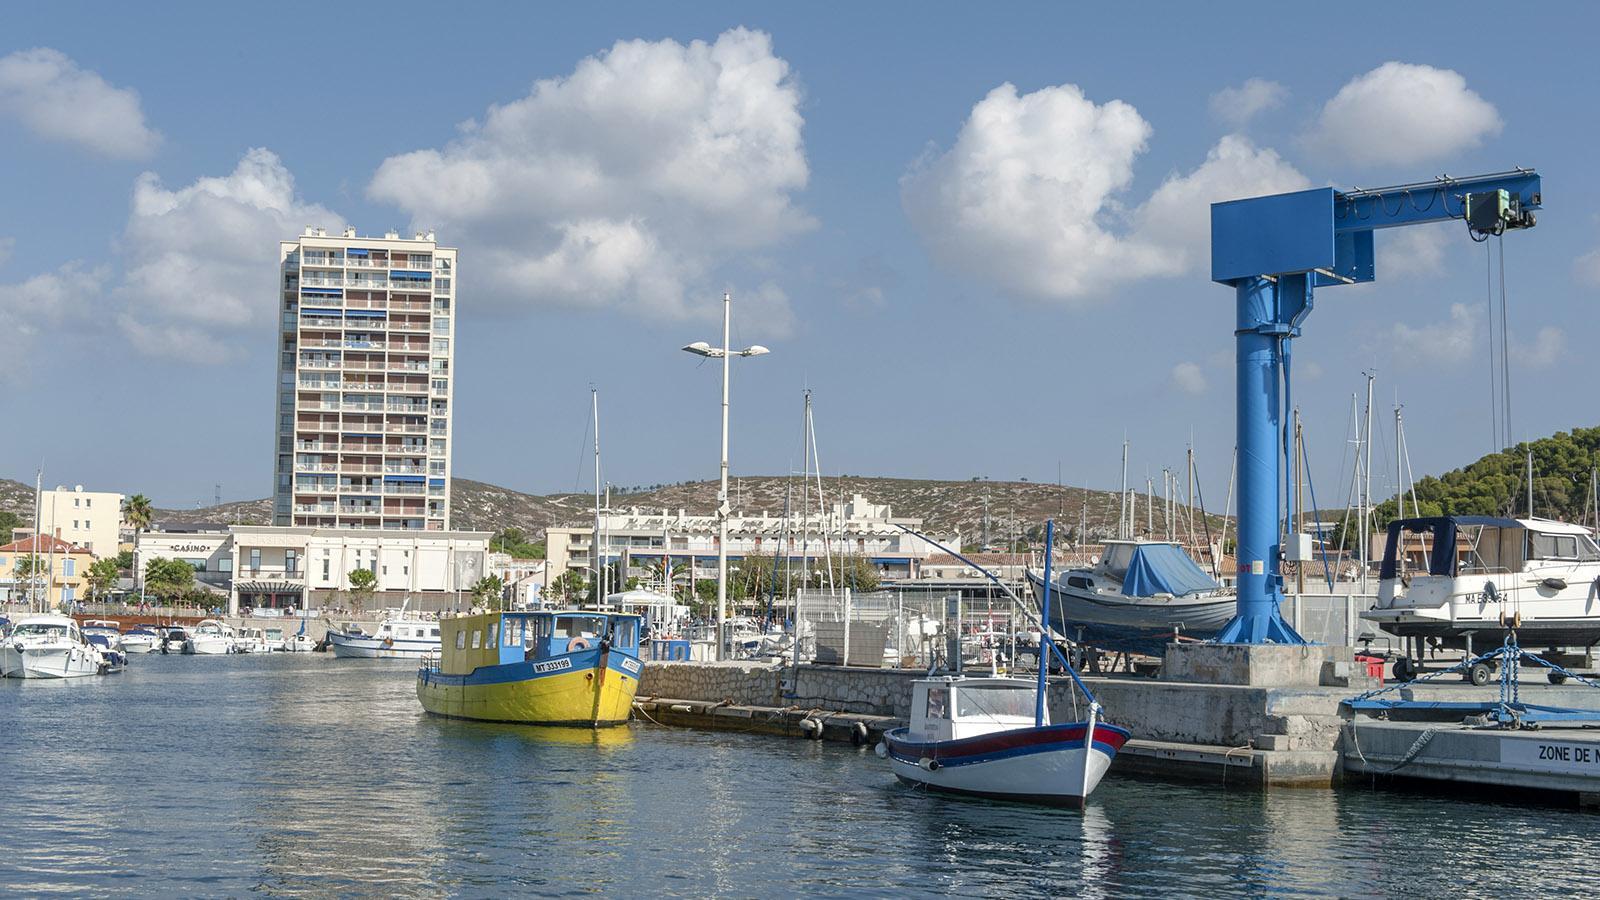 Der Hafen von Carry-le-Rouet an der Côte Bleue. Foto: Hilke Maunder